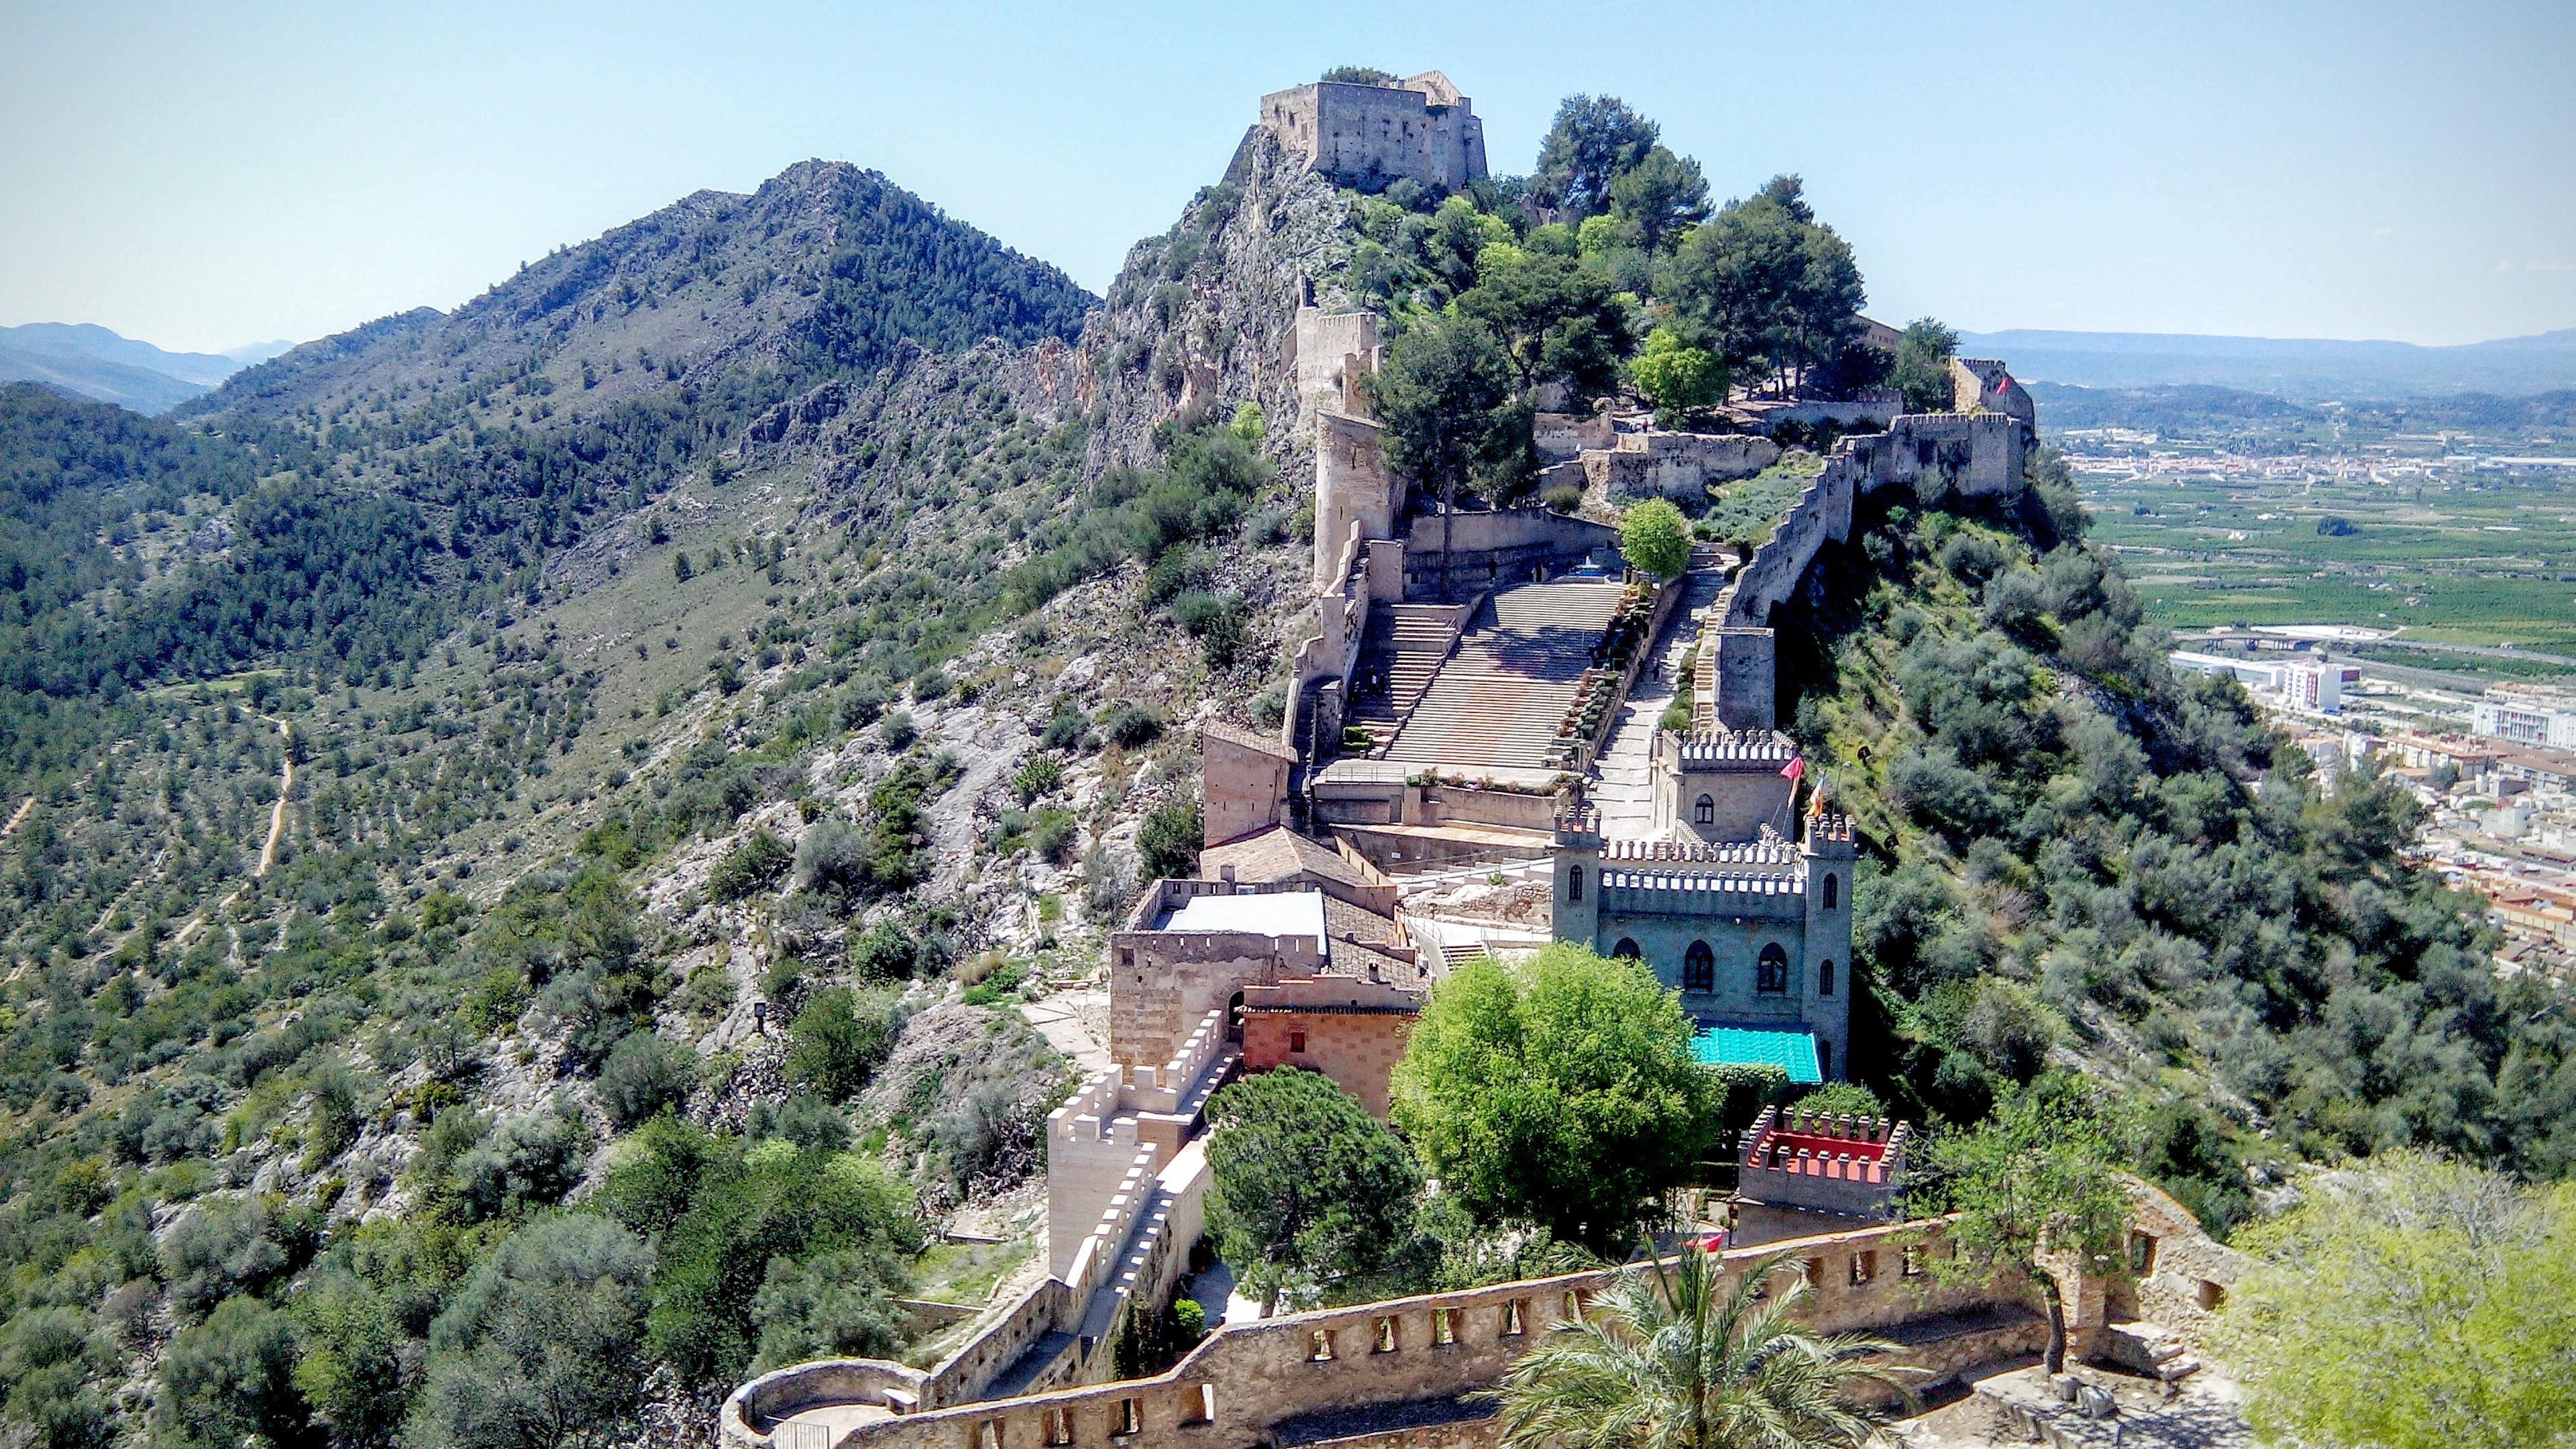 File:El Castillo de Játiva.jpg - Wikimedia Commons